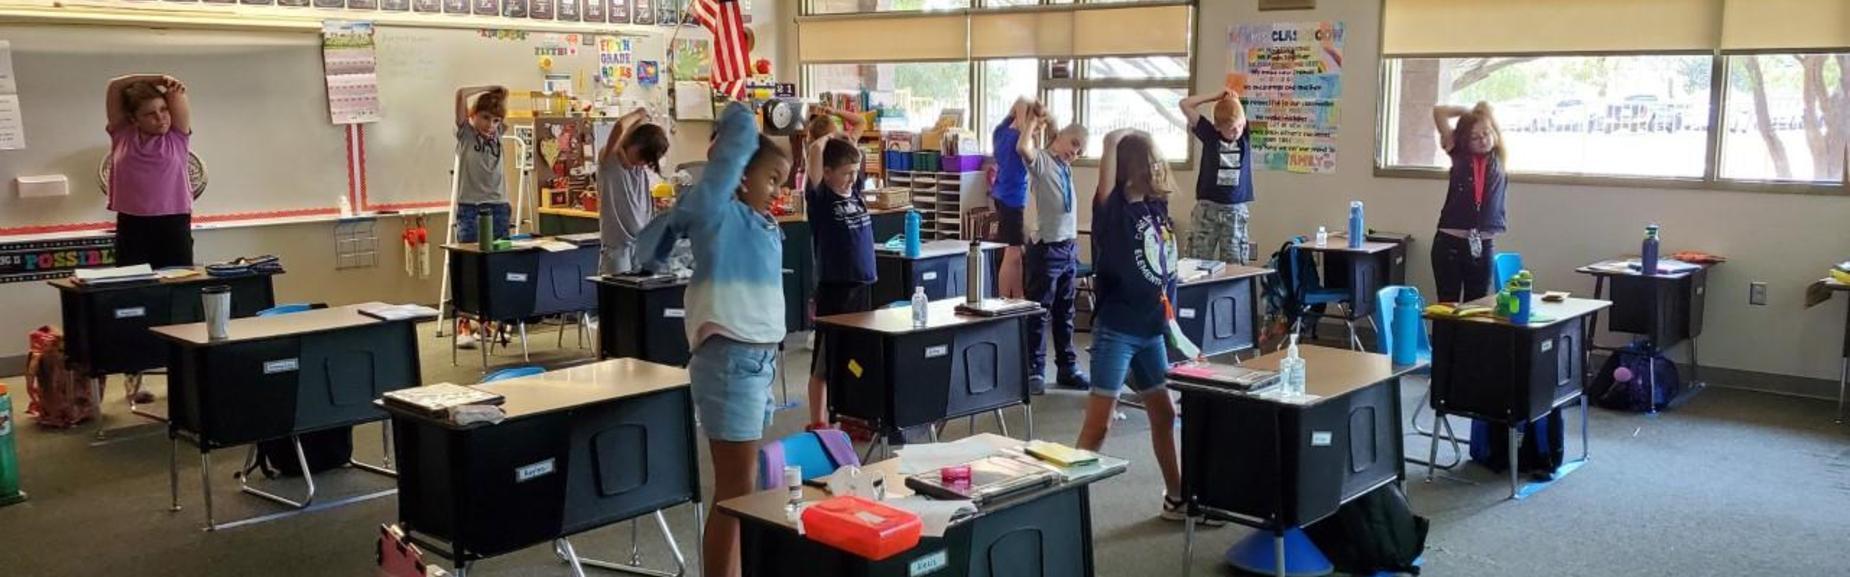 PE in Classroom